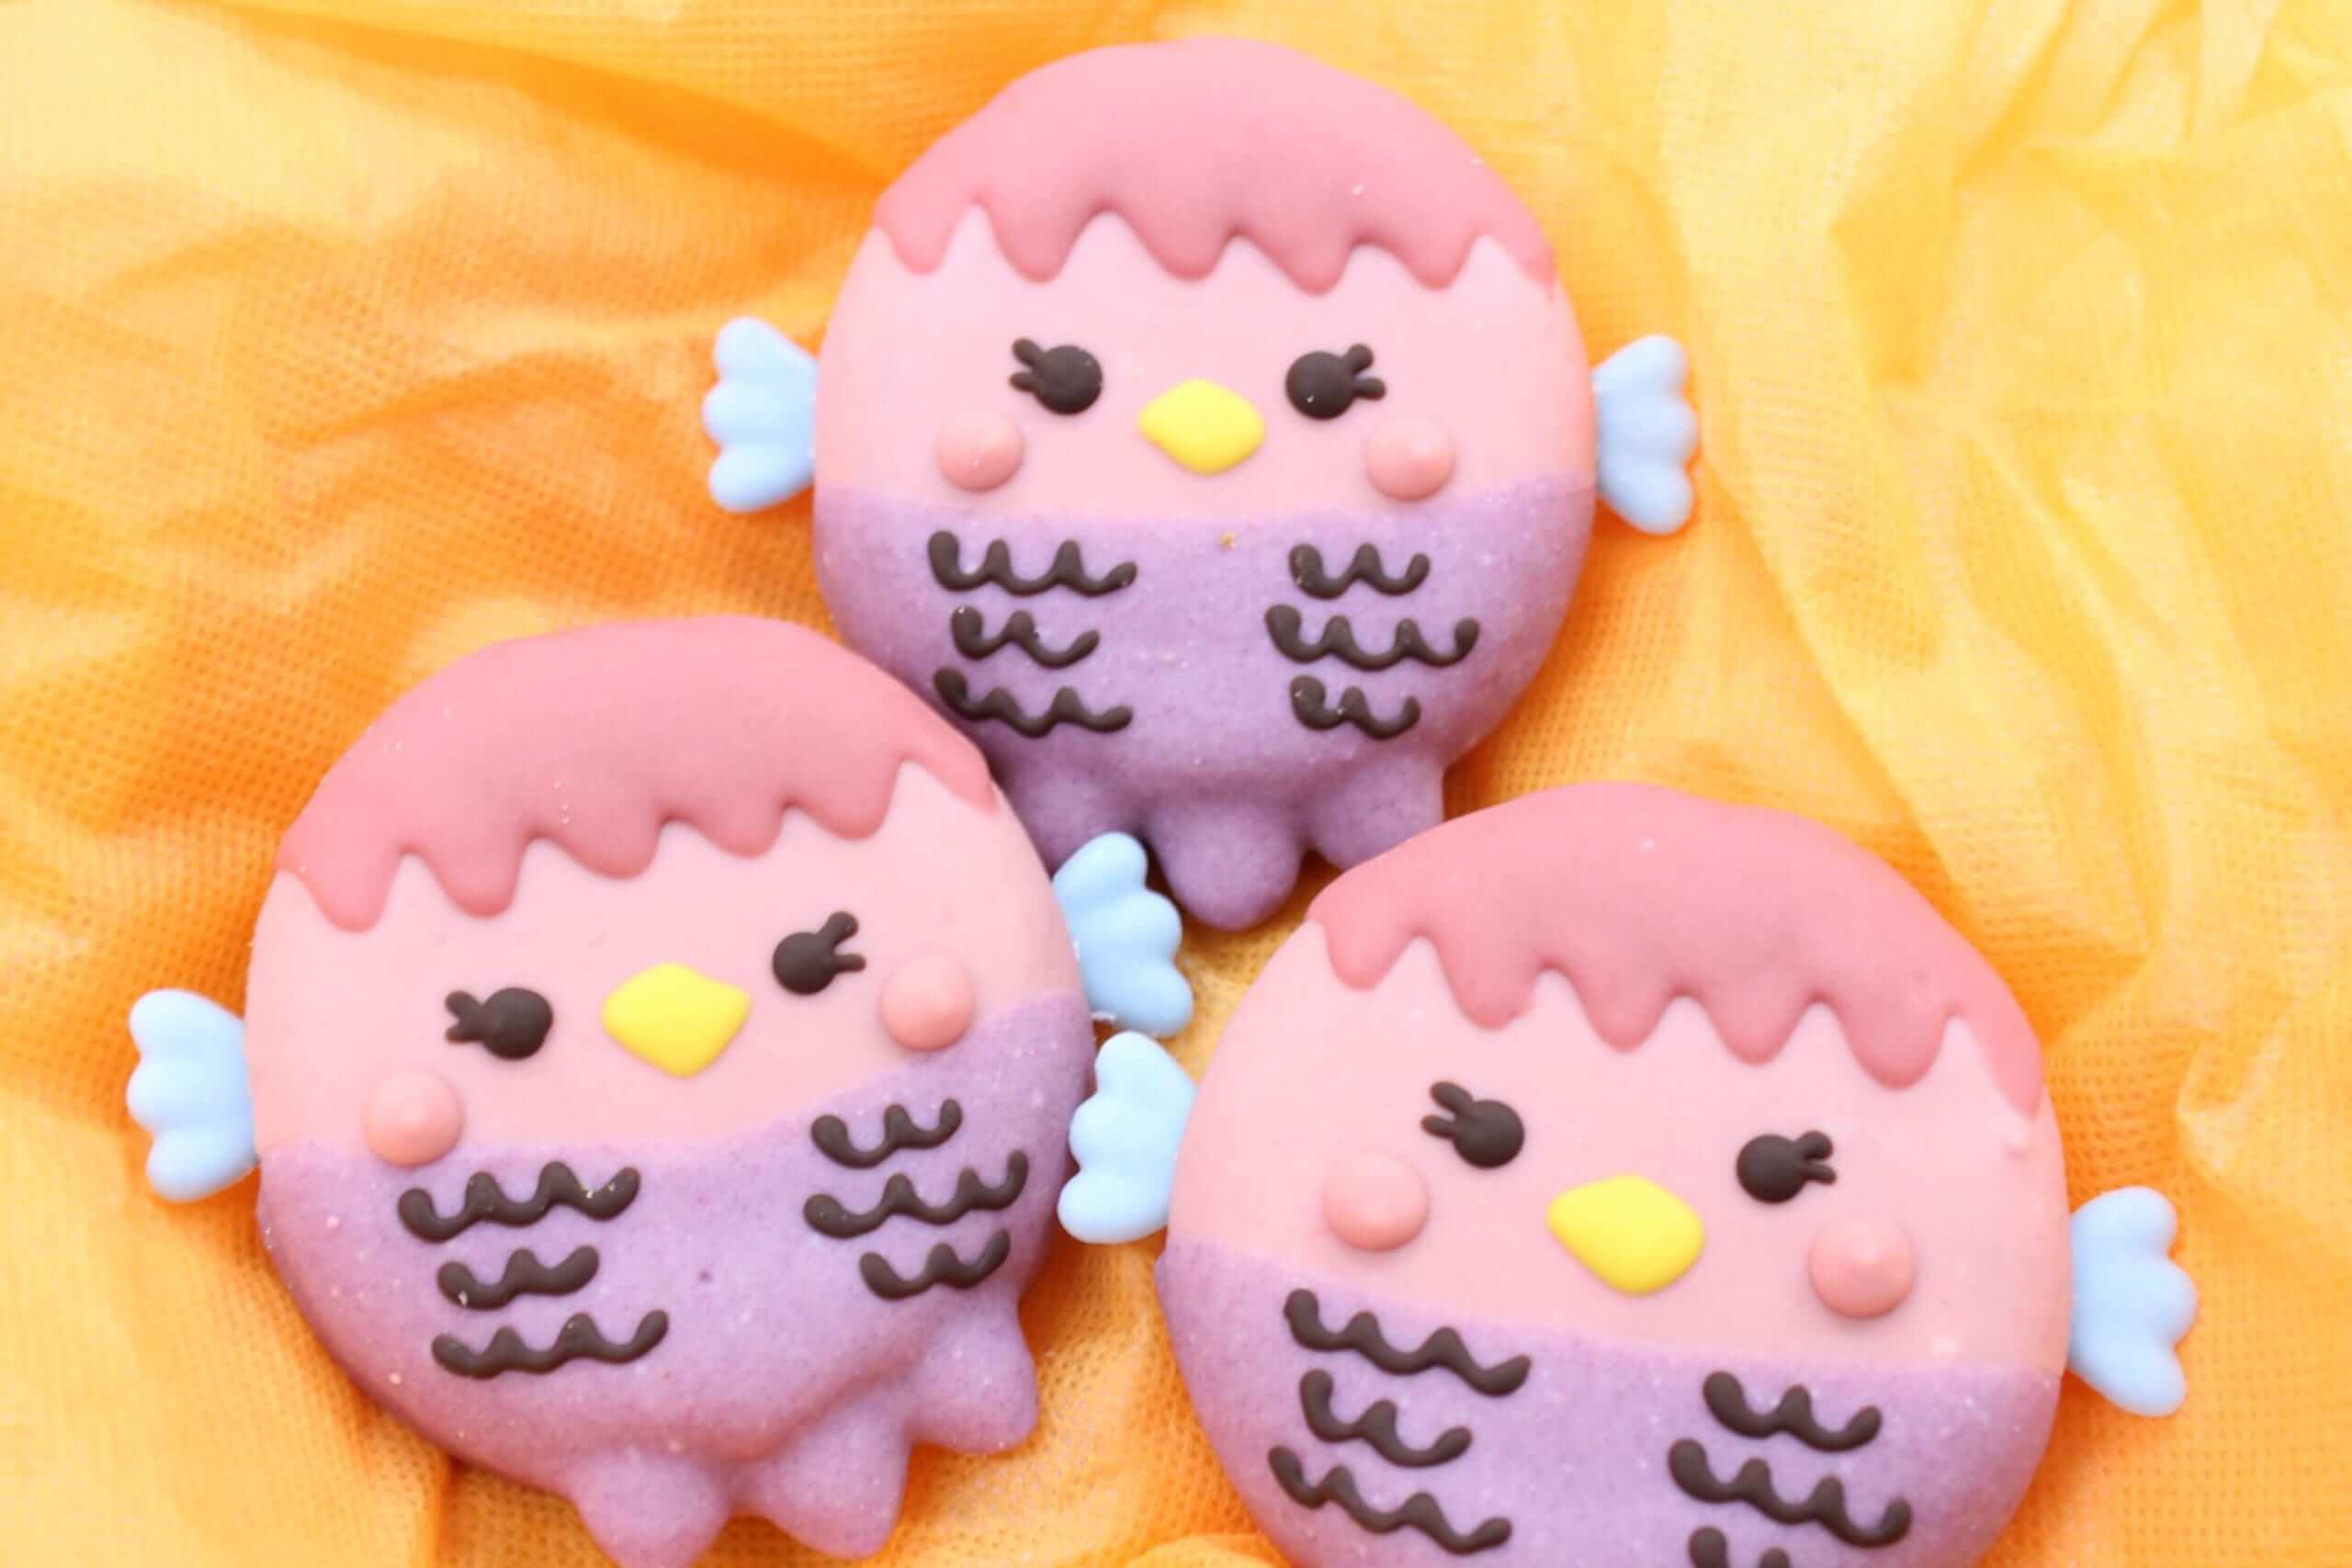 イクミママのどうぶつドーナツ!アマビエドーナツ(店頭販売価格)/¥340(税込み)